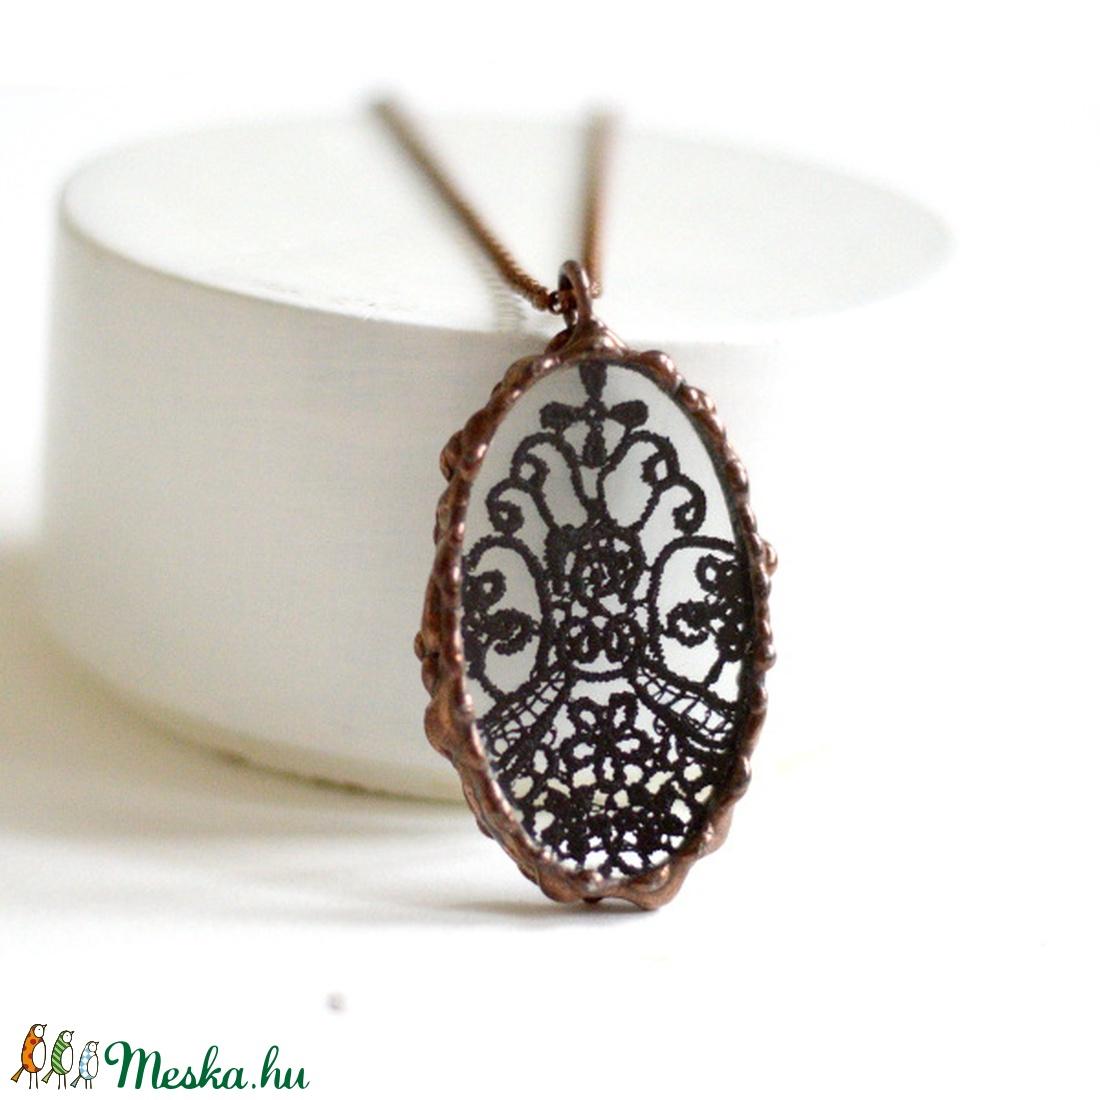 Csipke medál - Fekete - elegáns viselet -bronz keret - esti viselet - alkalomra kiváló - nőies darab - különleges ékszer (Ediartglass) - Meska.hu